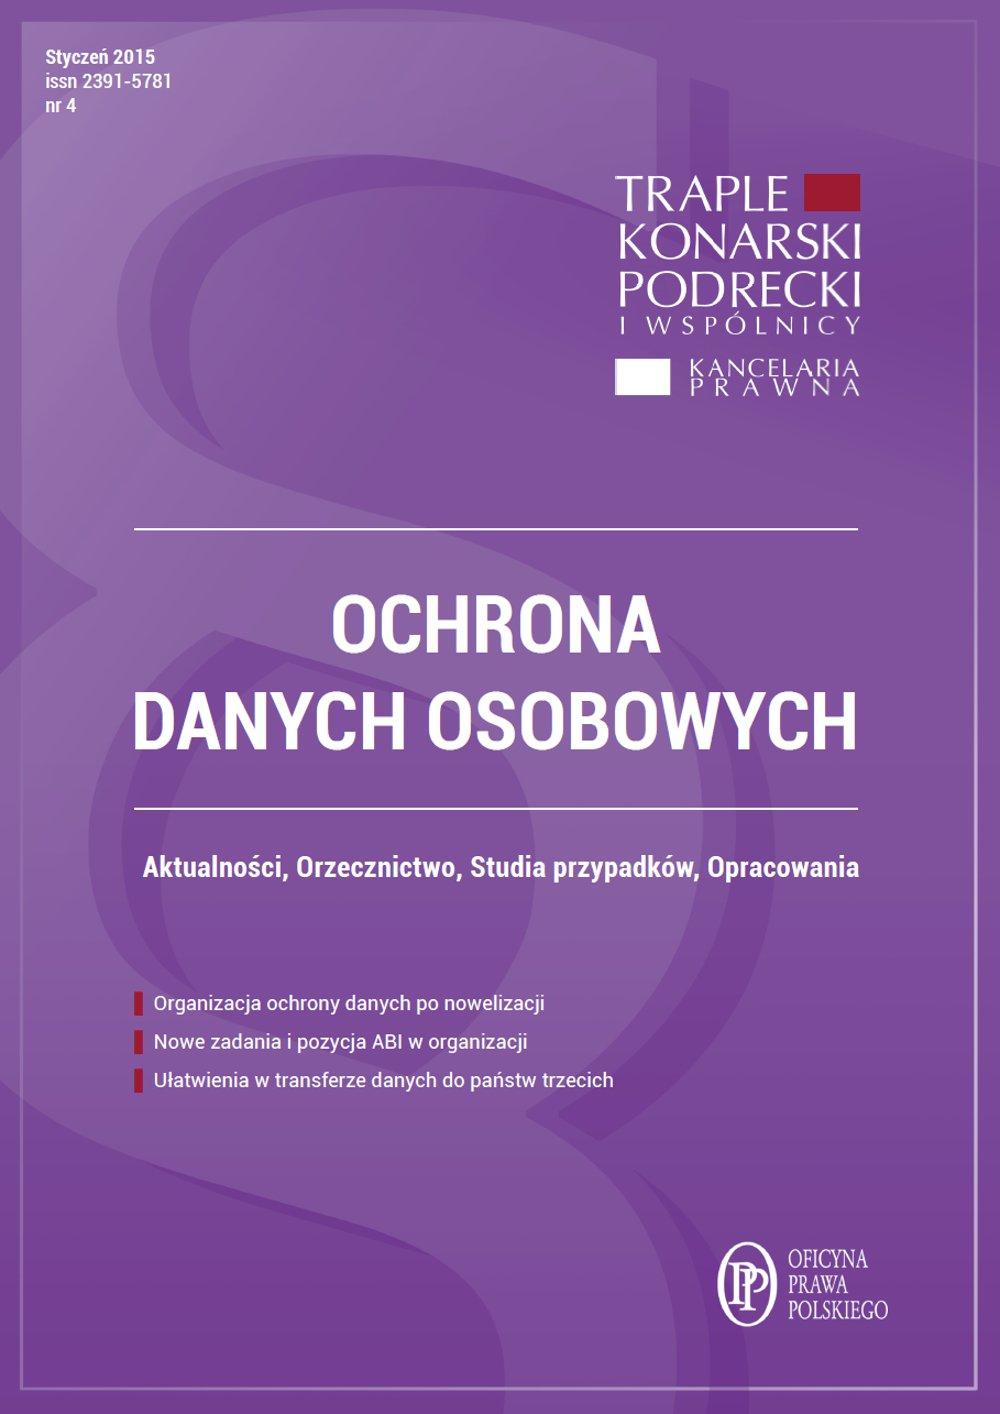 Ochrona danych osobowych - wydanie styczeń 2015 r. - Ebook (Książka PDF) do pobrania w formacie PDF